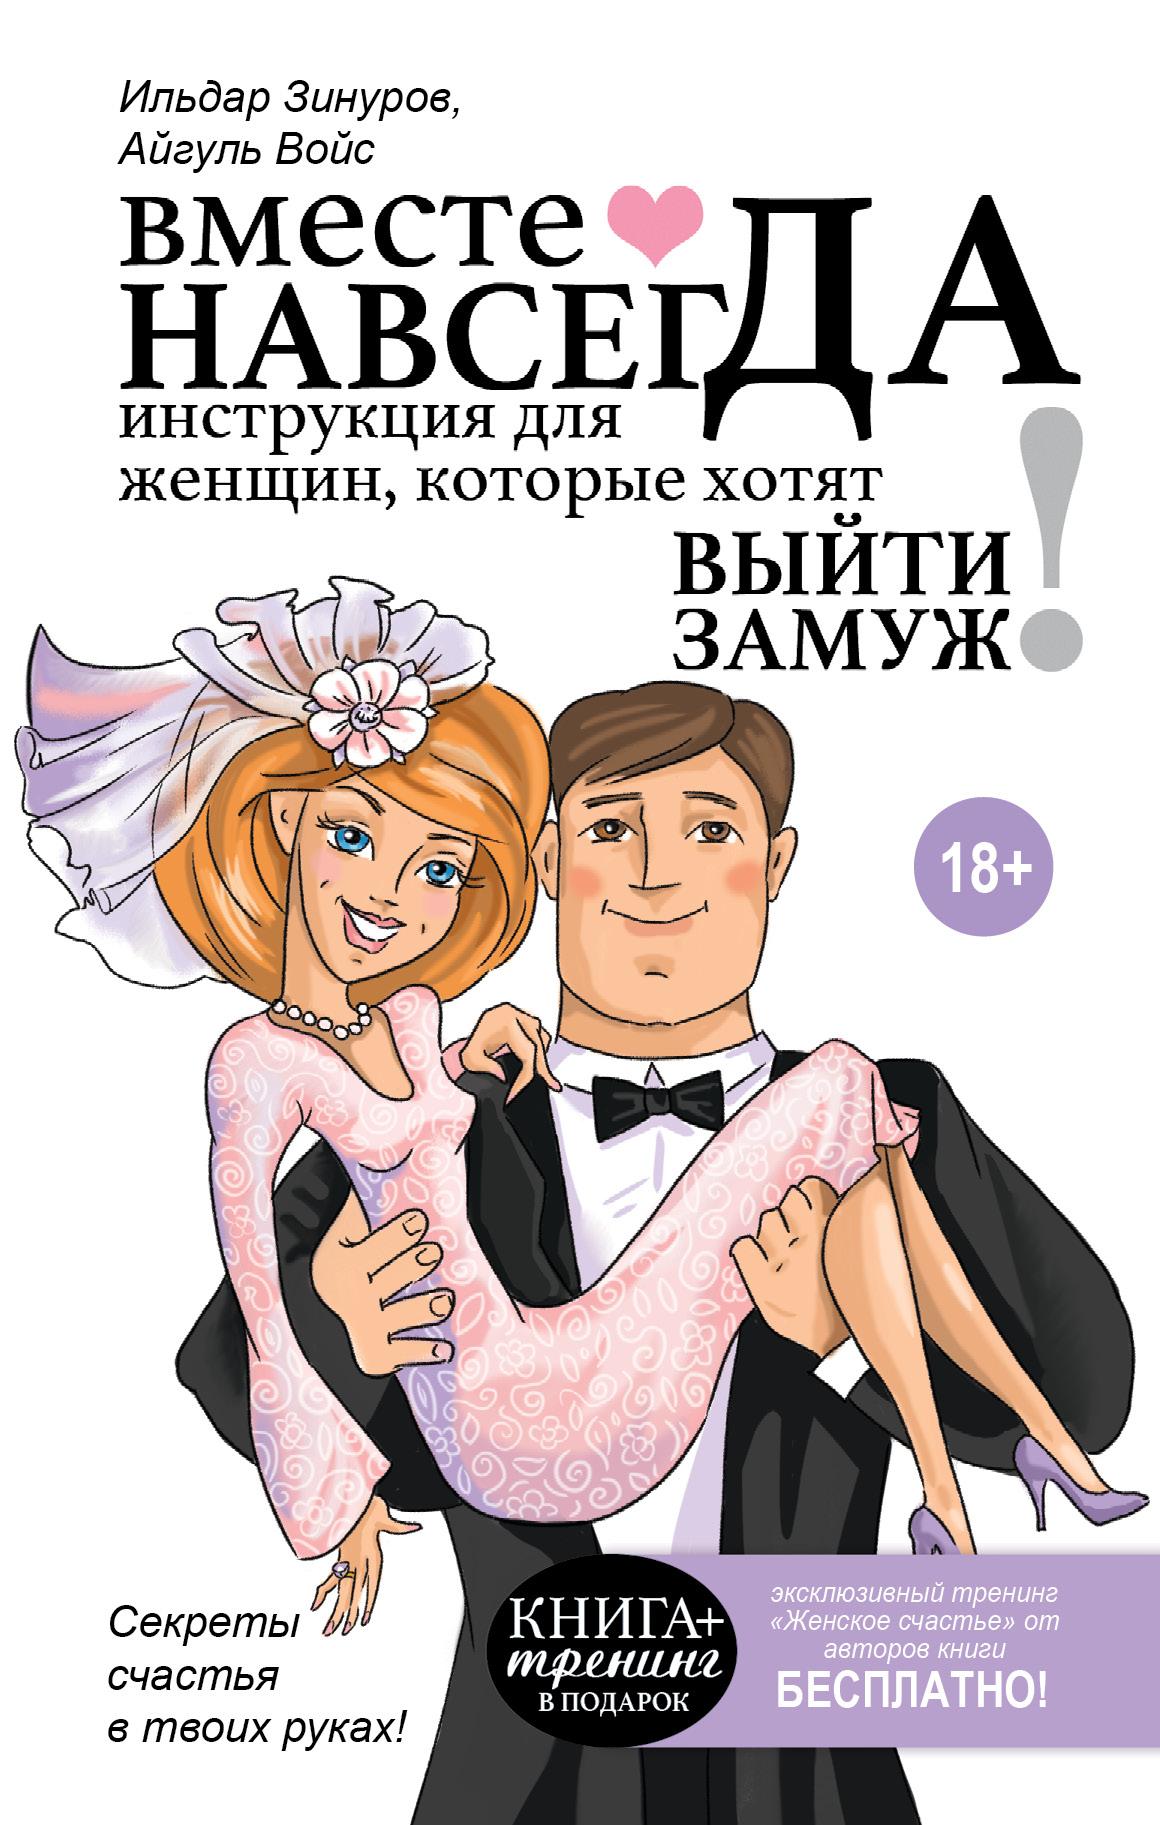 Инструкция как выйти замуж